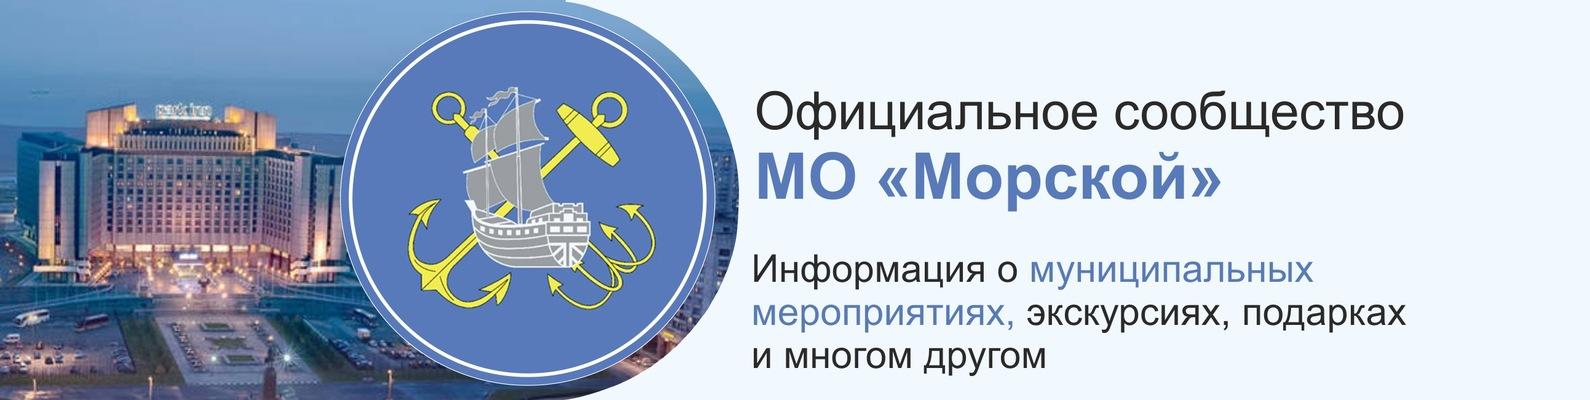 """фото ЗакС политика Депутаты МО """"Морской"""" не смогли прийти к единому мнению по большинству вопросов"""